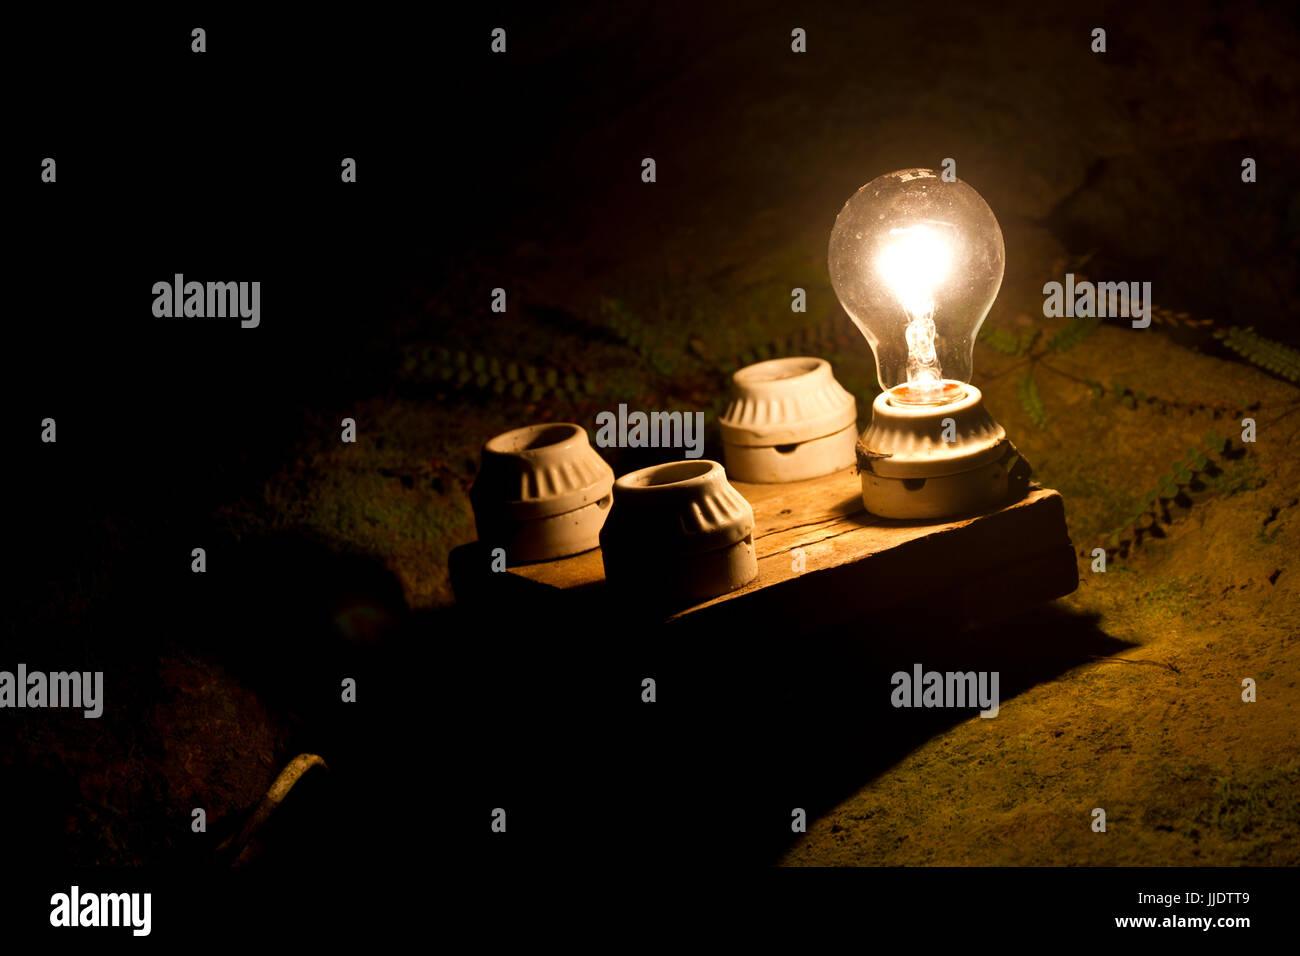 Una lampadina fuori altri quattro. Una metafora della decisione giusta. Immagini Stock